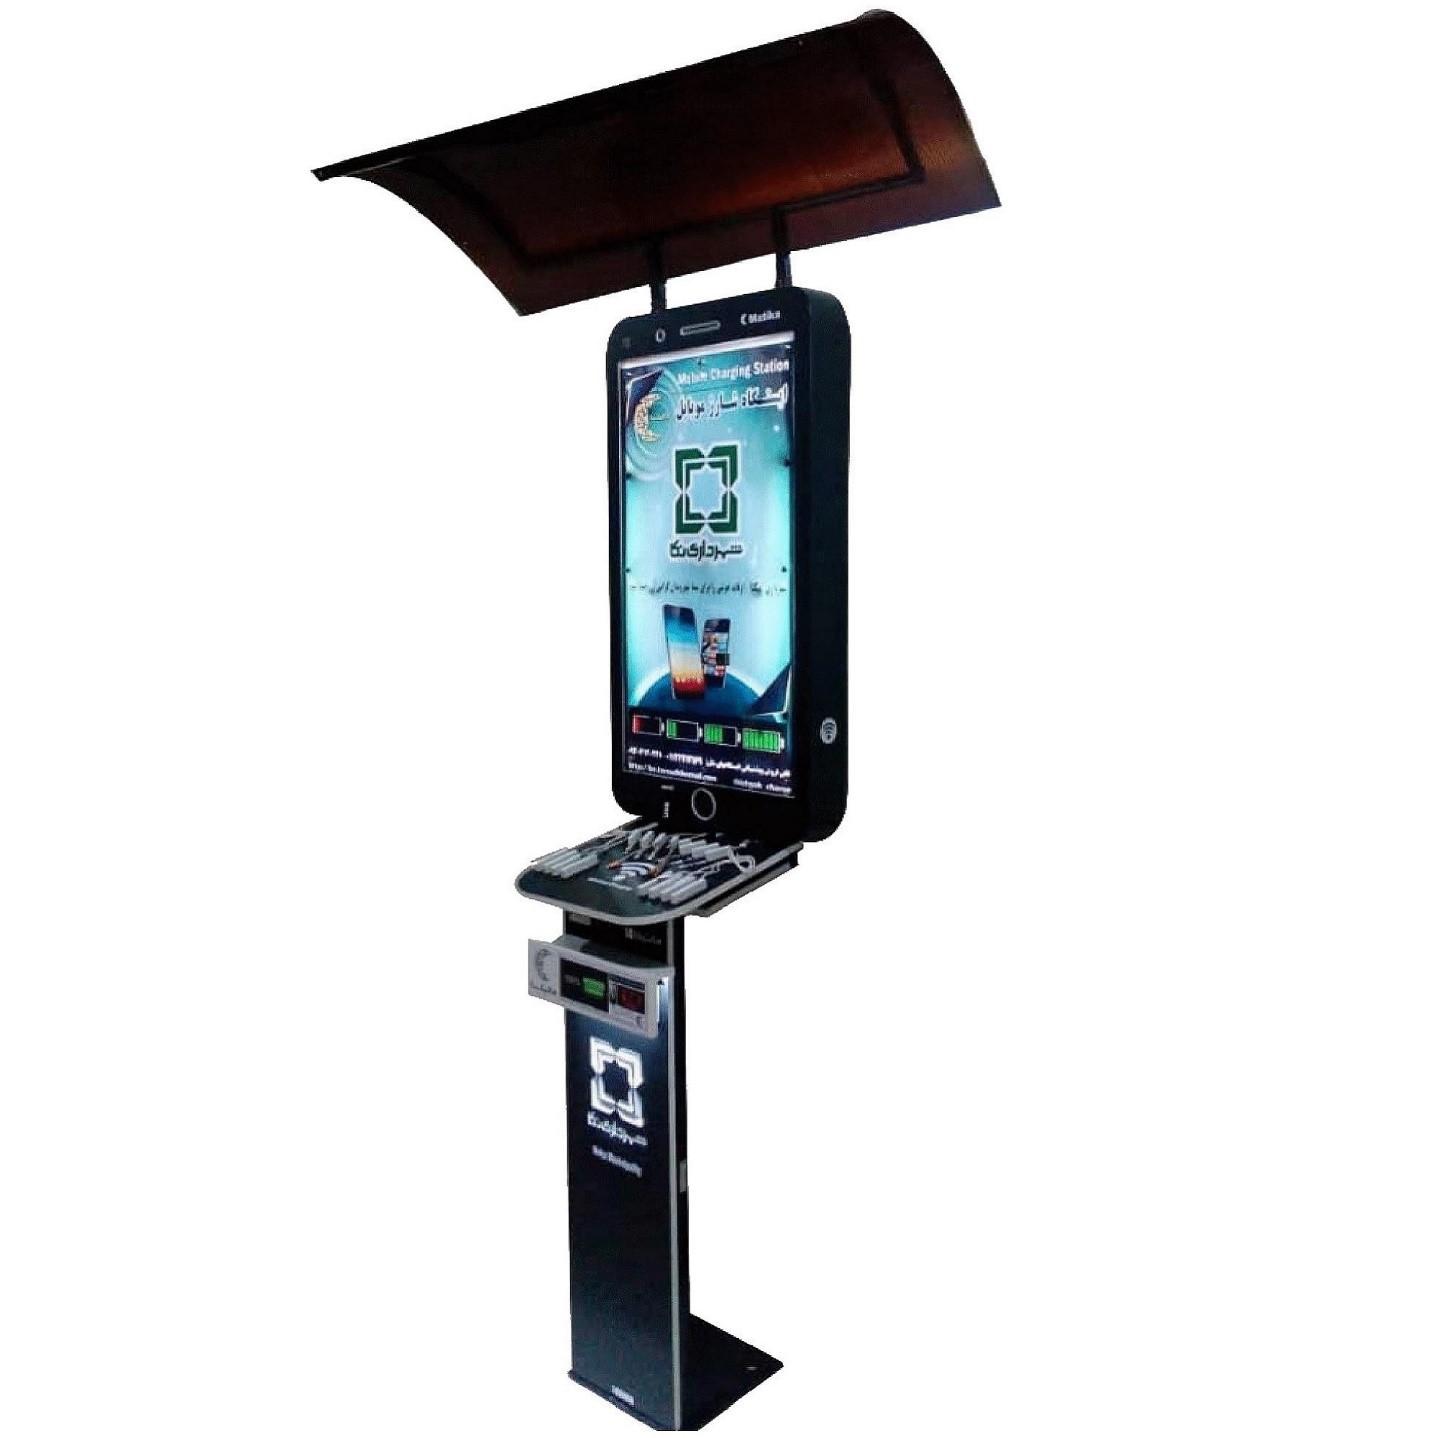 ایستگاه شارژ موبایل مدل MOW دستگاهی است که برای رفاه بیشتر شهروندان ساخته شده است و هنگامی که شهروندان در مکانهای عمومی پارکها، ایستگاهها، ادارات، سازمانها، فرودگاهها، هتل ها، رستوران ها و .. با اتمام شارژ موبایل و تبلت مواجه می گردند می توانند از این دستگاه استفاده نمایند، این ایستگاه شارژ دارای 15 الی 20 خروجی(به صورت خروجی USB، سیم های فست سه تایی(تایپسی، اپل . اندروید)، شارژر وایرلس و سوکتهای سه تایی باسیم توکار) به همراه محافظ ولتاژ می باشد و نیازی به خاموش شدن بعد از نصب ندارد. فضای لایت باکس بالا و فضای پایین آن می تواند جهت تبلیغات، اطلاع رسانی و برندینگ مورد استفاده قرار گیرد. این دستگاه قابلیت قرارگیری در فضای باز و هرنوع شرایط آب و هوایی است و امکان نصب فونداسیون و یا پیچ شدن برای آن وجود دارد.